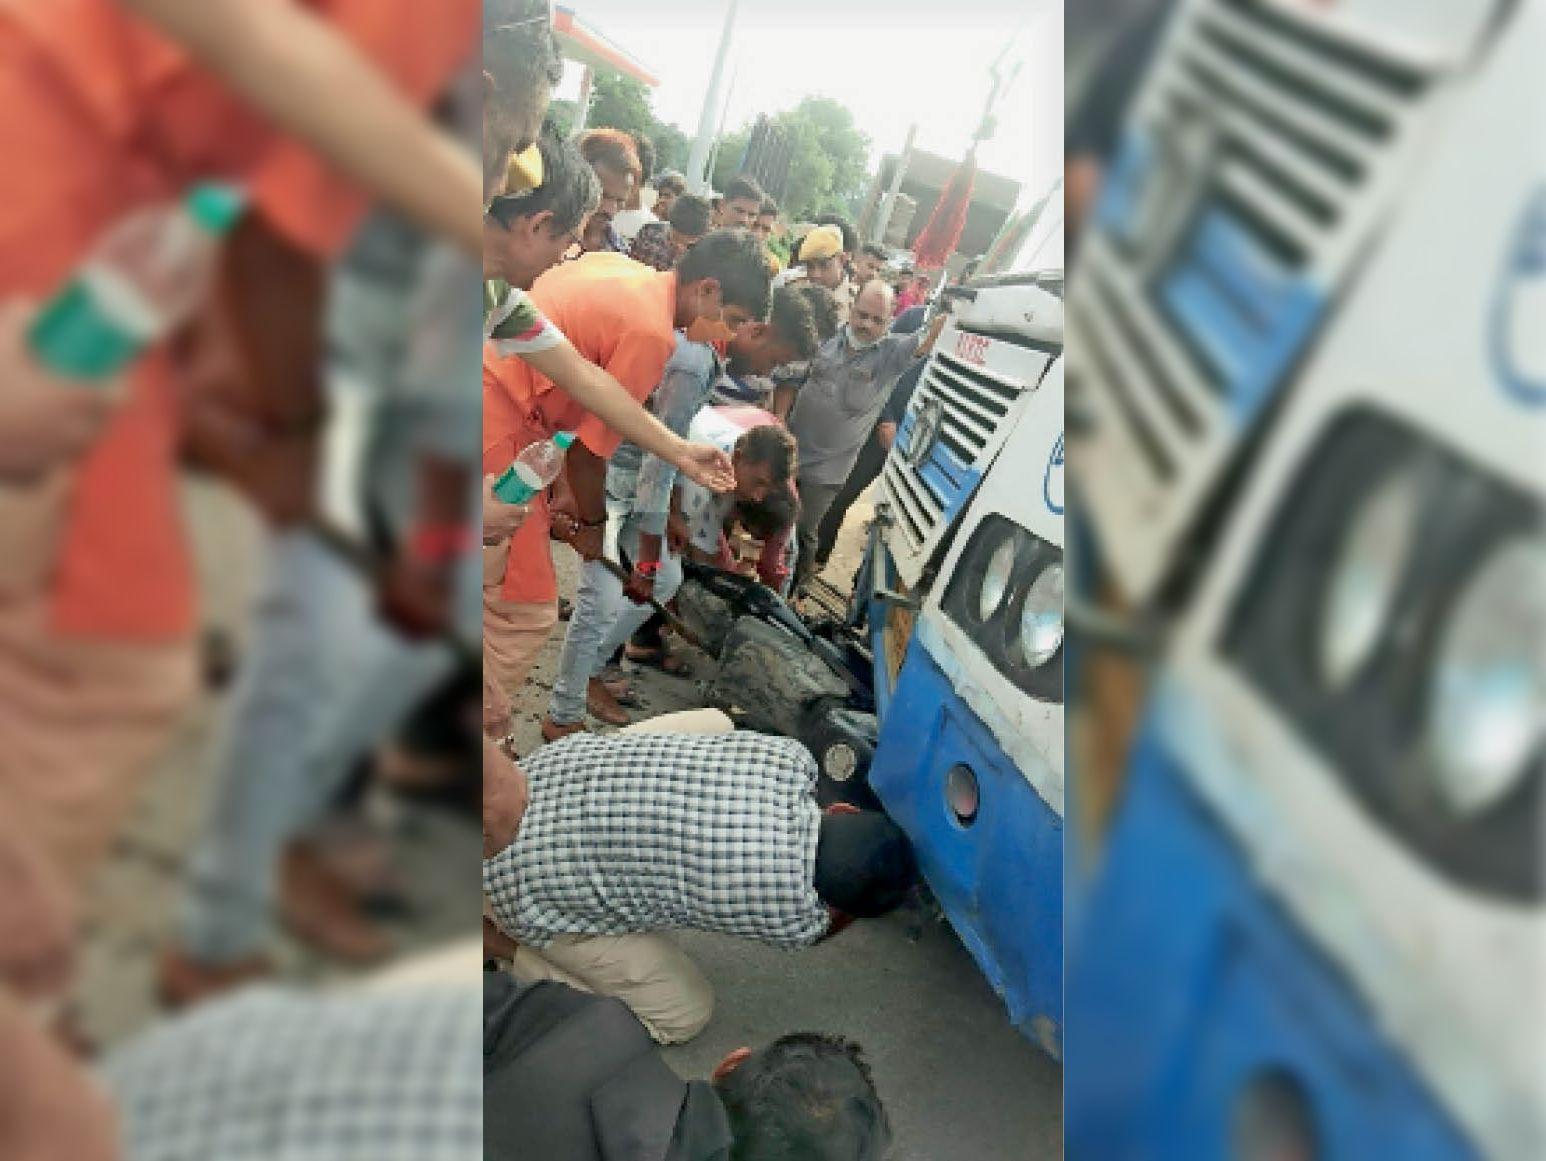 रोडवेज के नीचे फंसे लालशंकर और बाइक को निकालते ग्रामीण। - Dainik Bhaskar